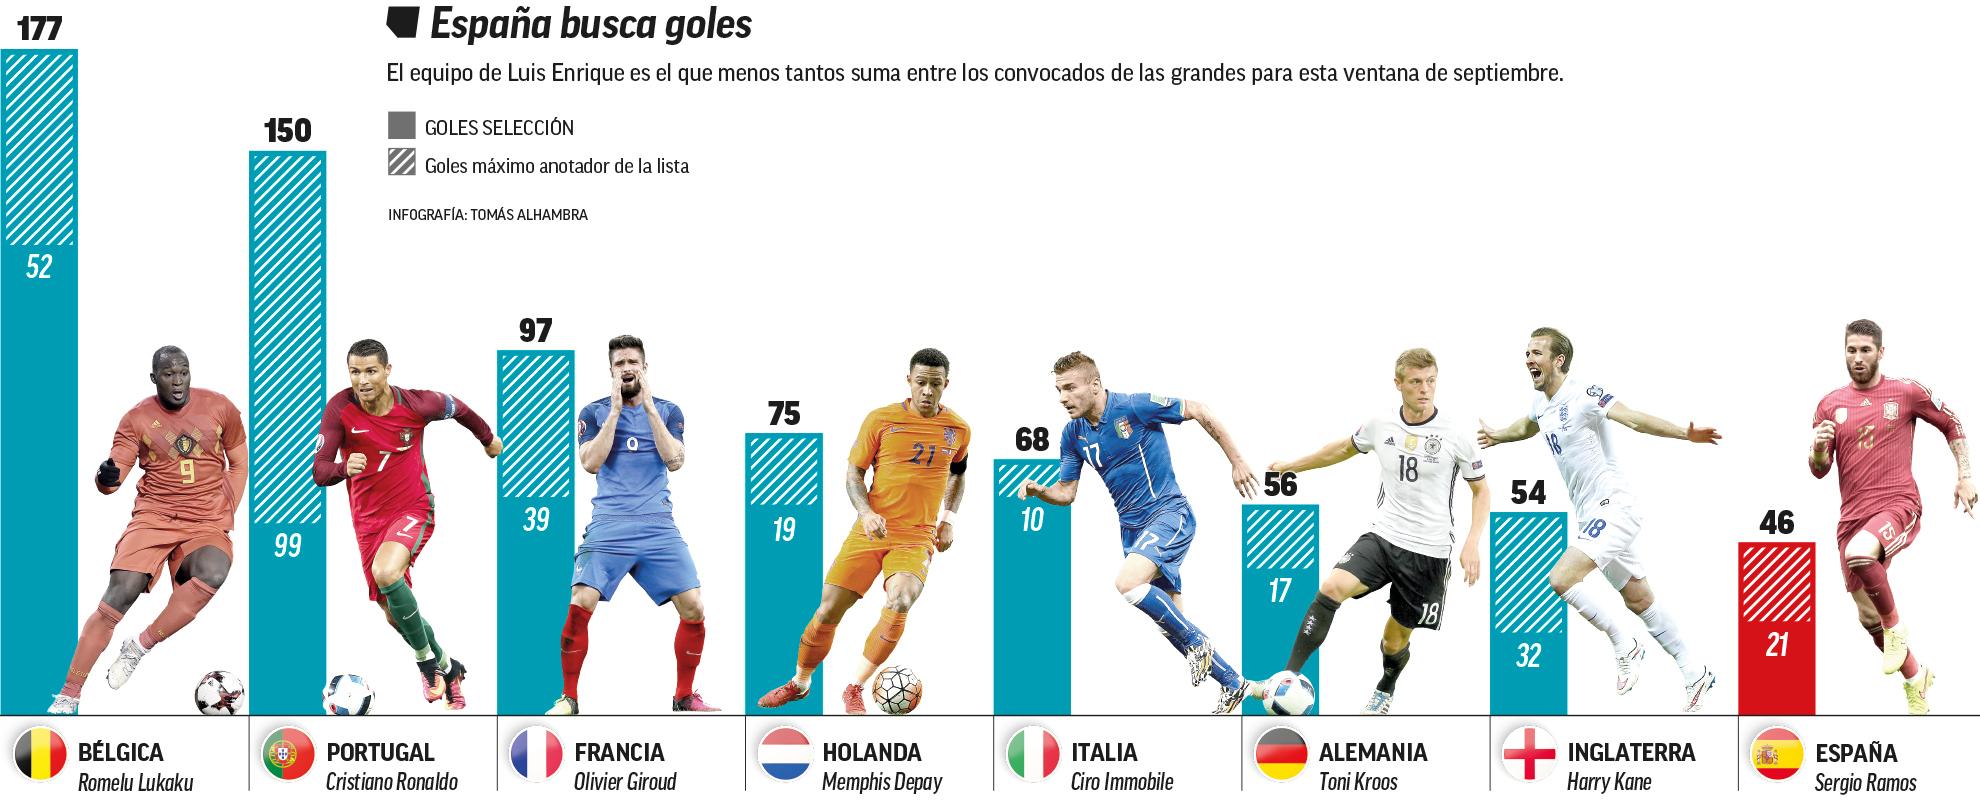 Sergio Ramos là chân sút số 1 của ĐT Tây Ban Nha dưới thời Enrique